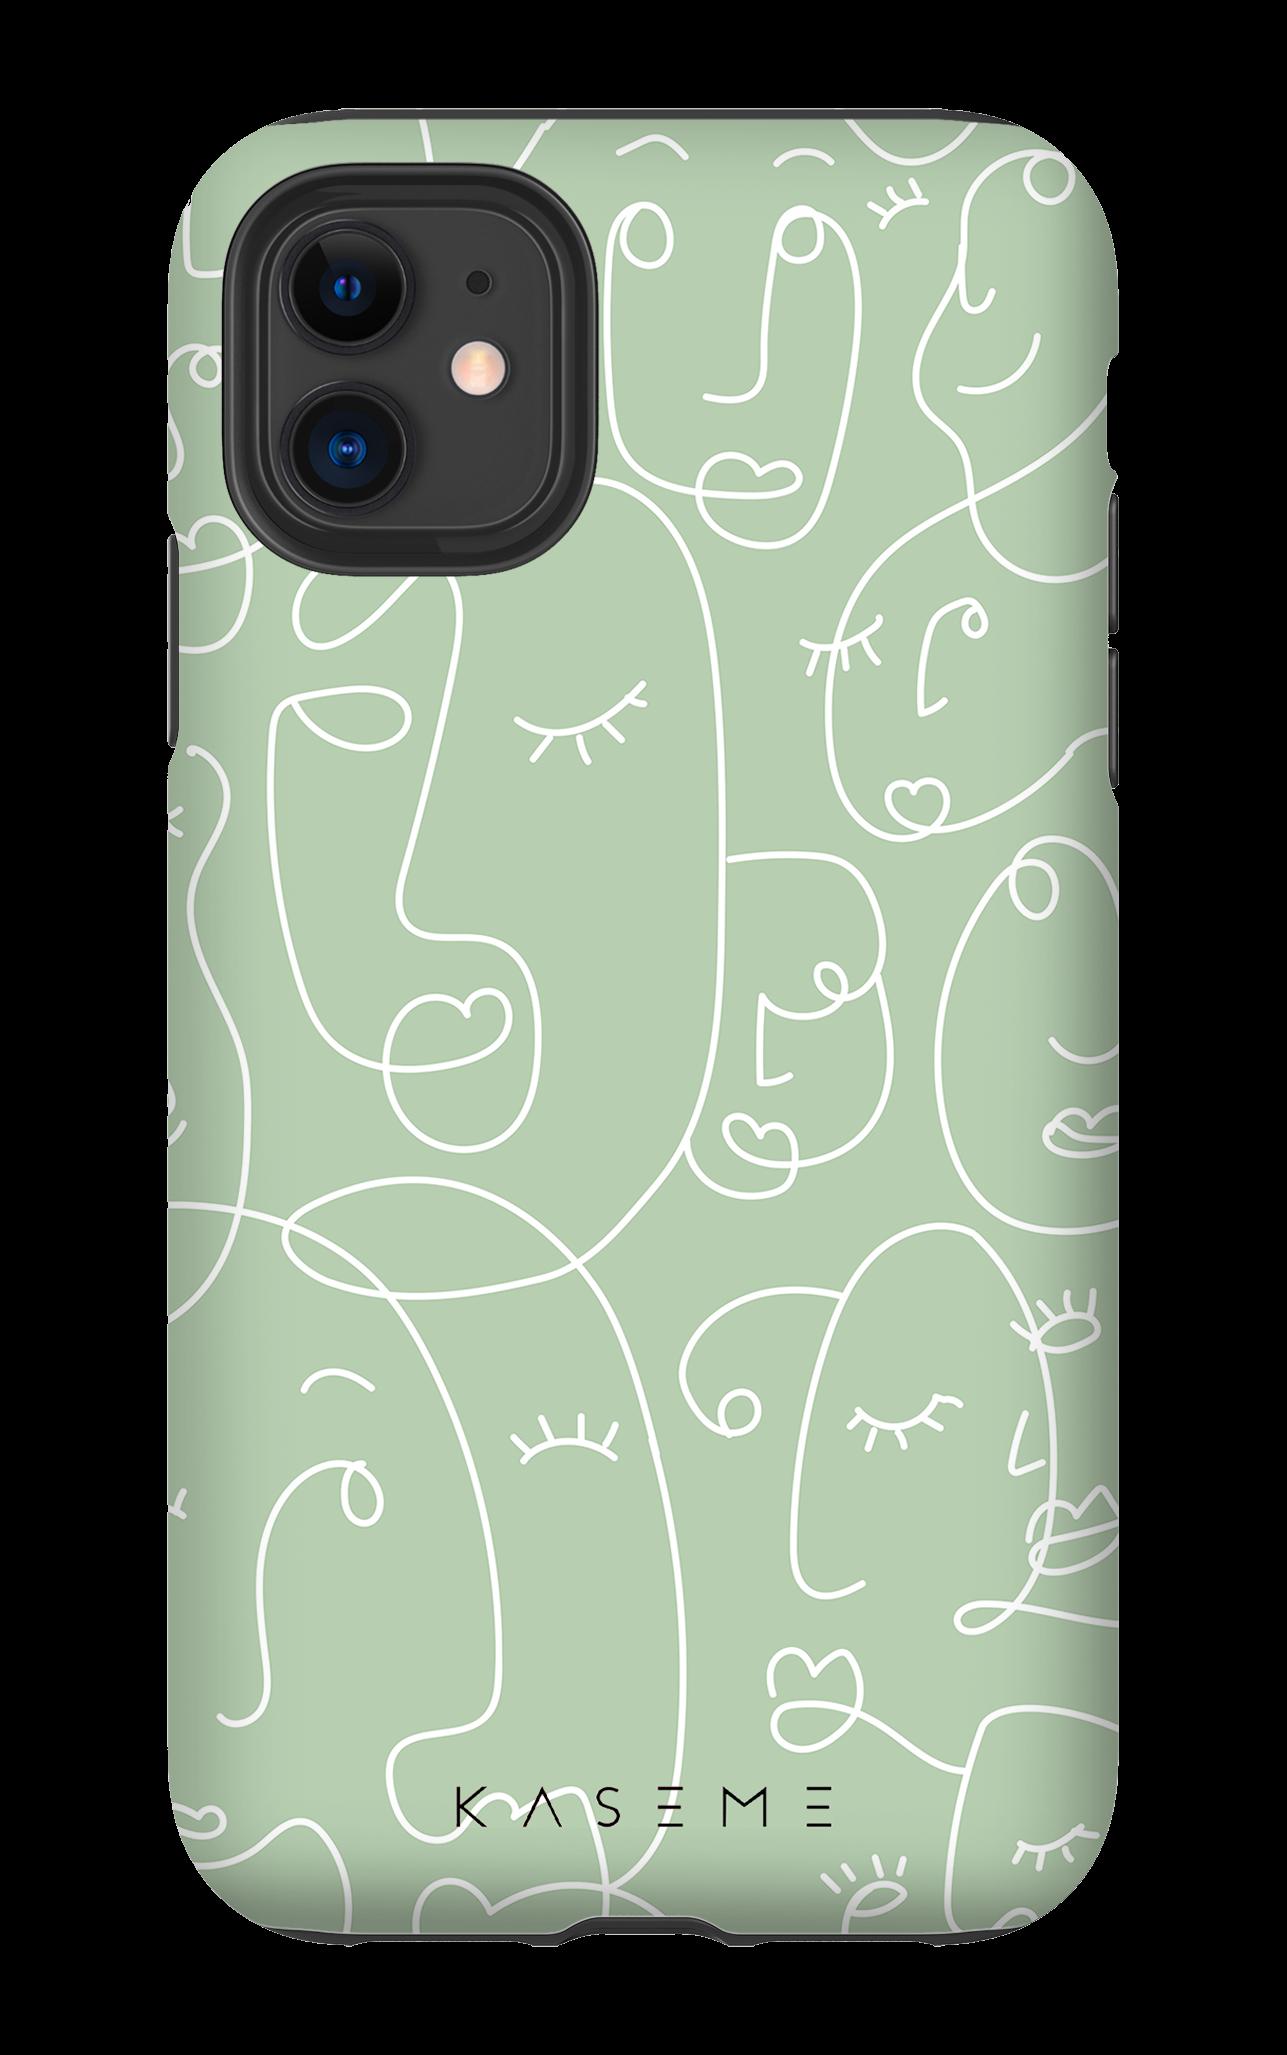 Sage phone case